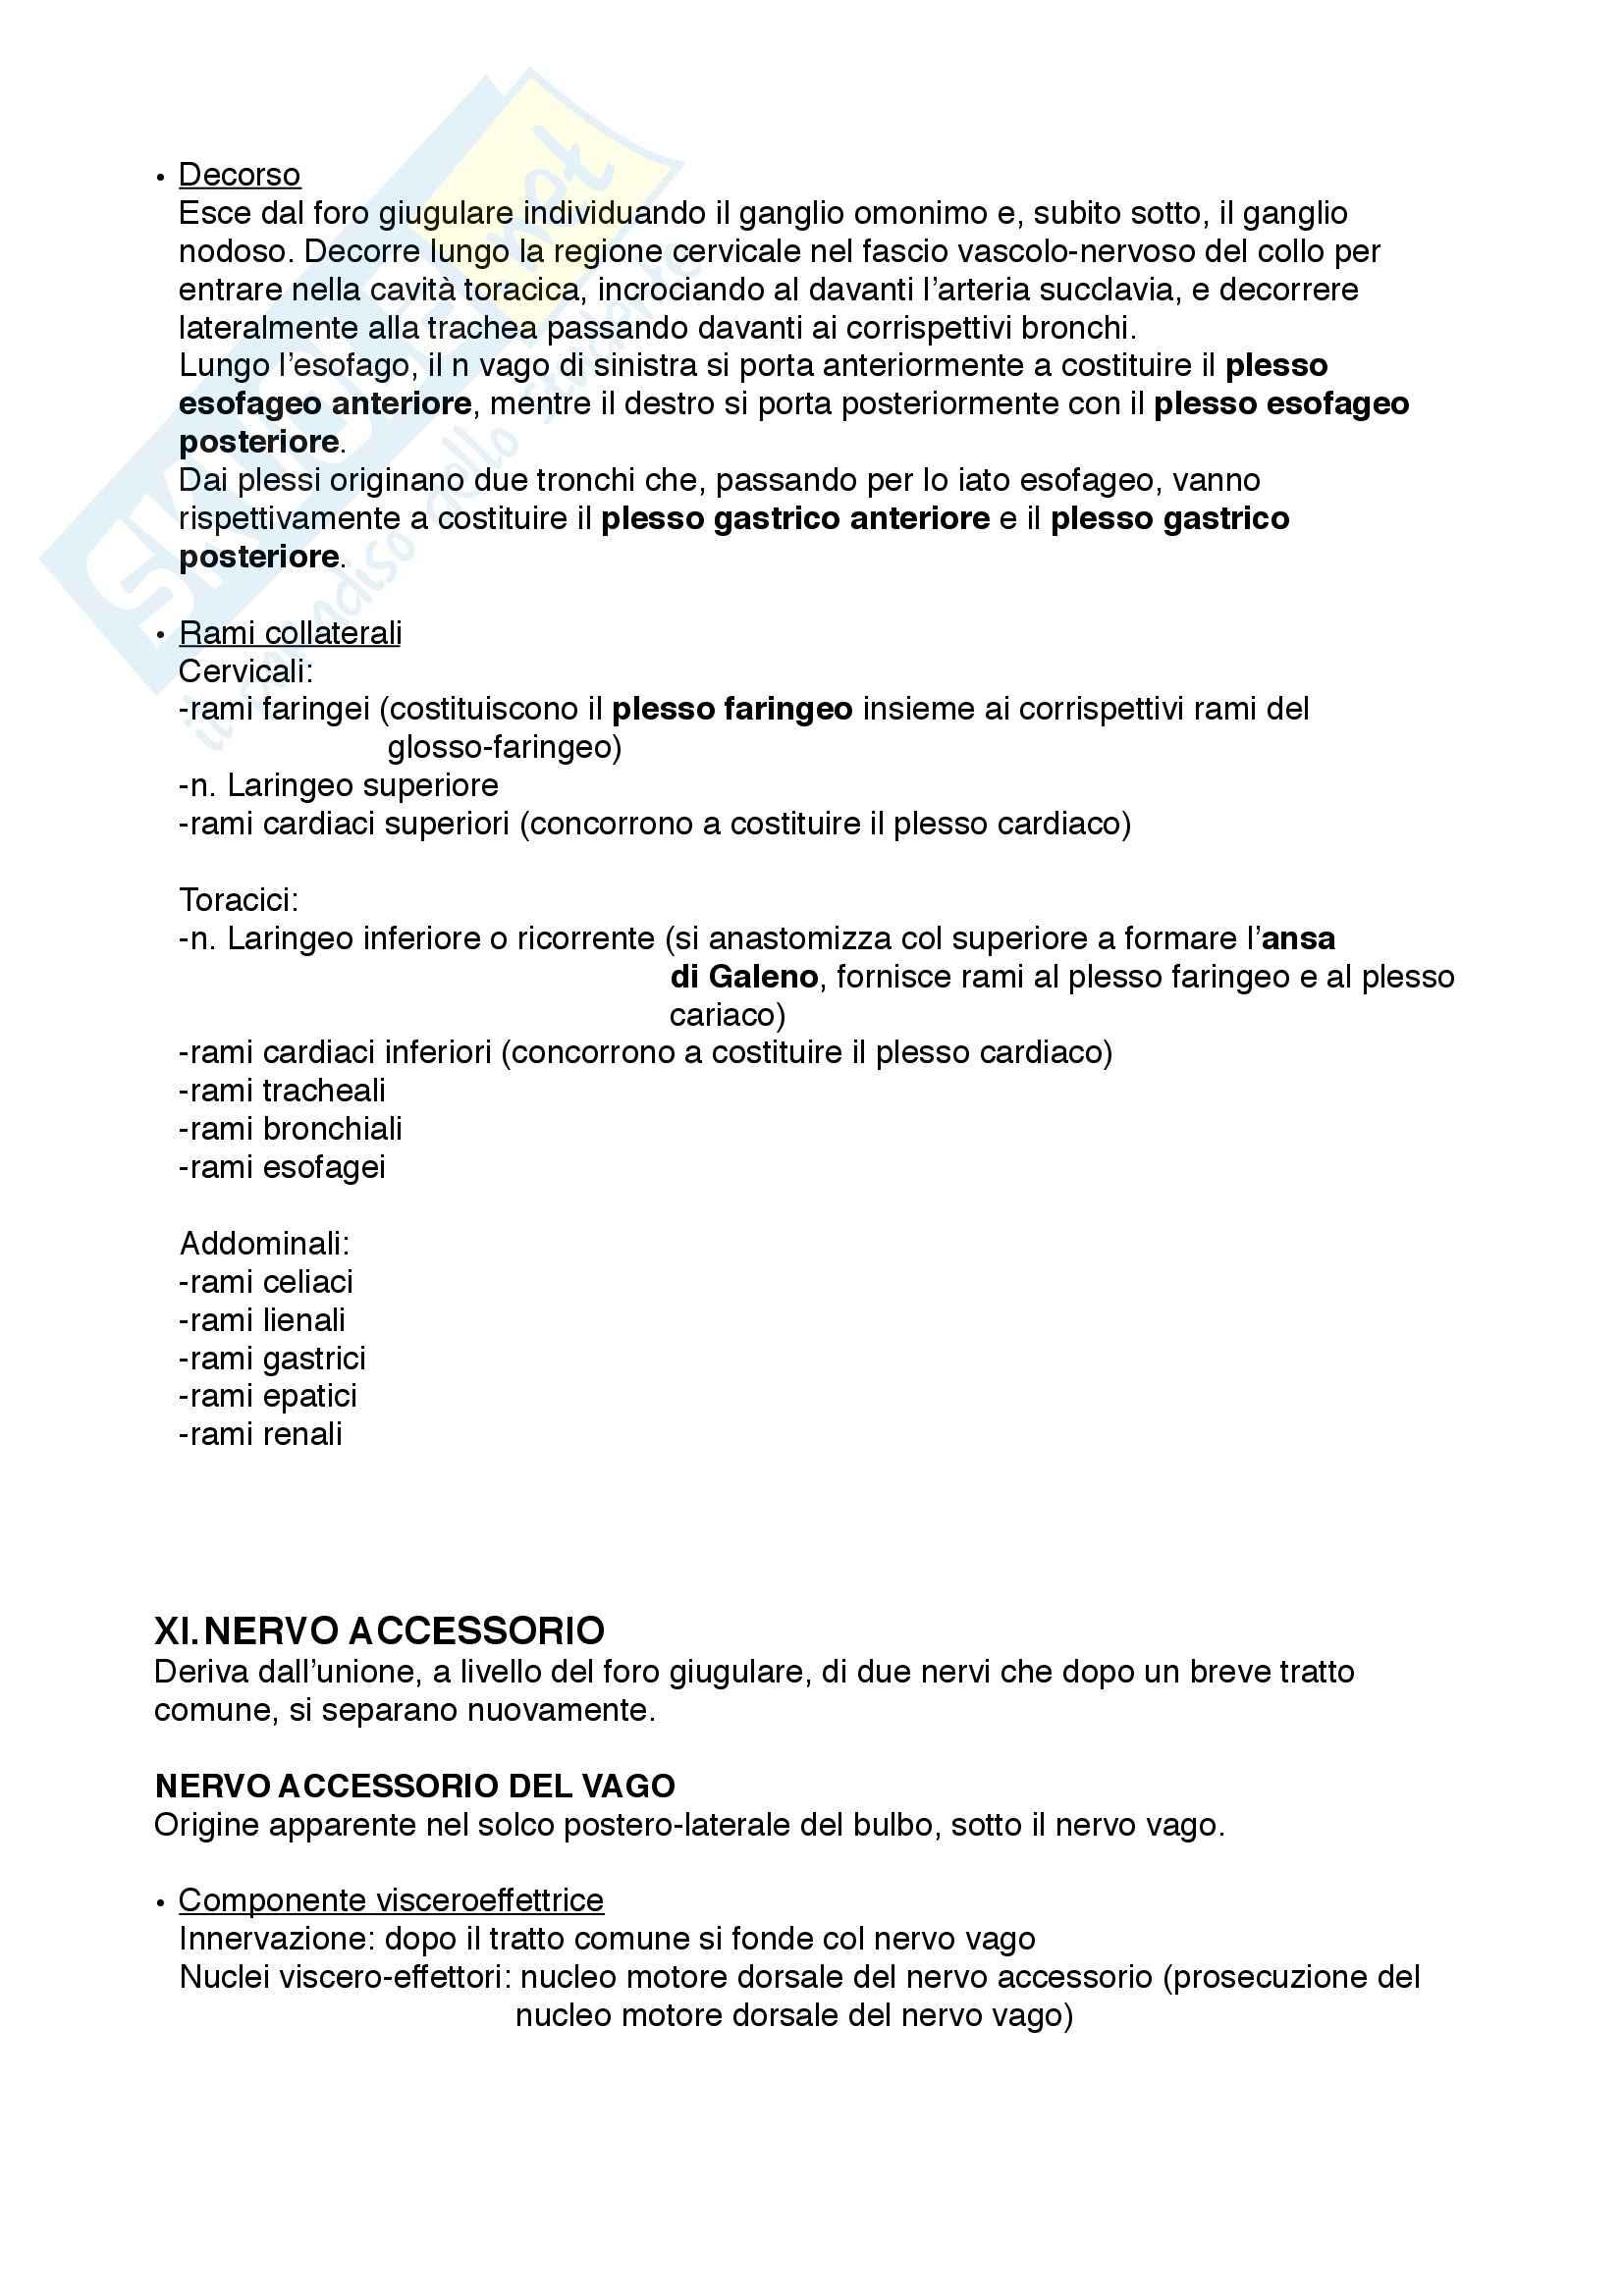 Anatomia III – Nervi cranici – Schemi Pag. 6